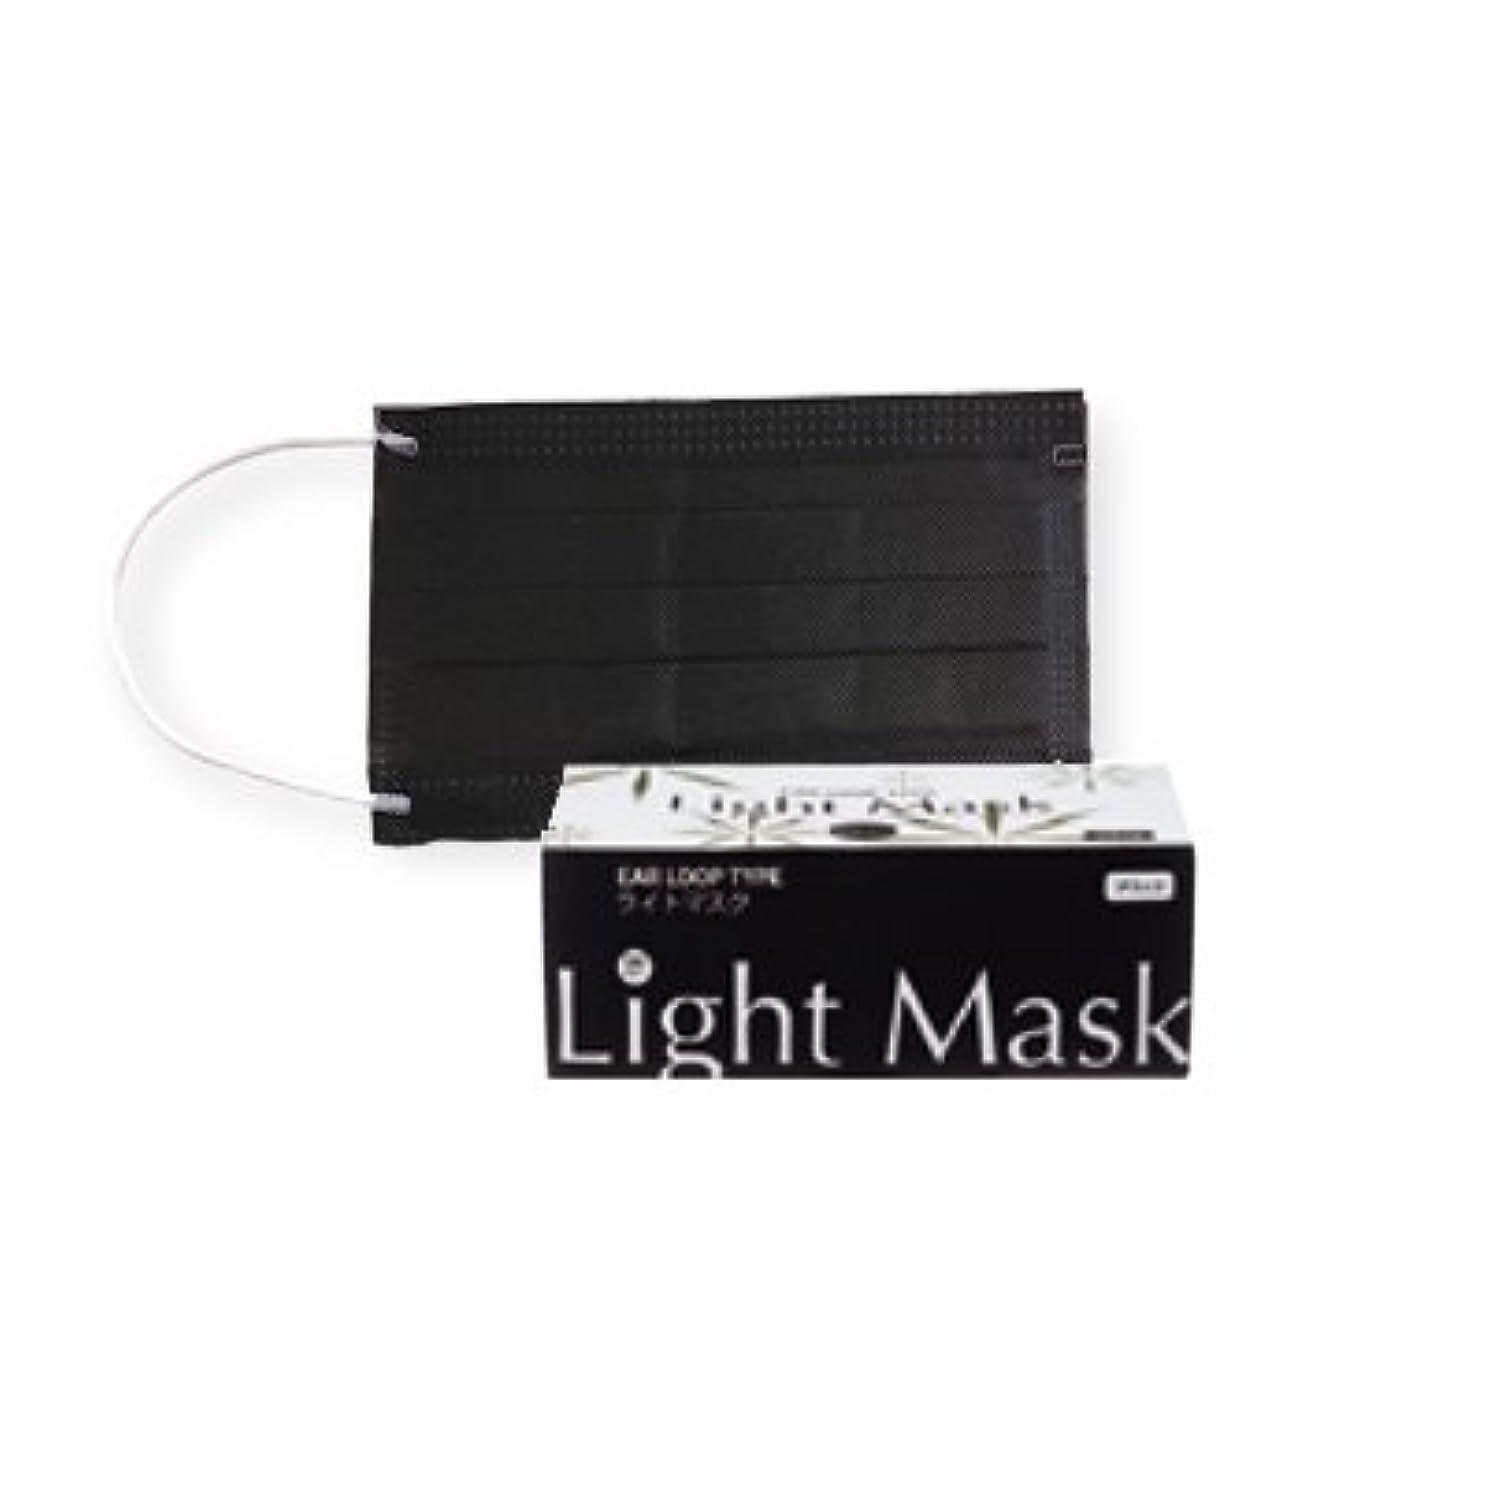 変わるパワー超高層ビル(ロータス)LOTUS ライトマスク (不織布 無地 2層 マスク 50枚入)(ブラック)花粉症対策